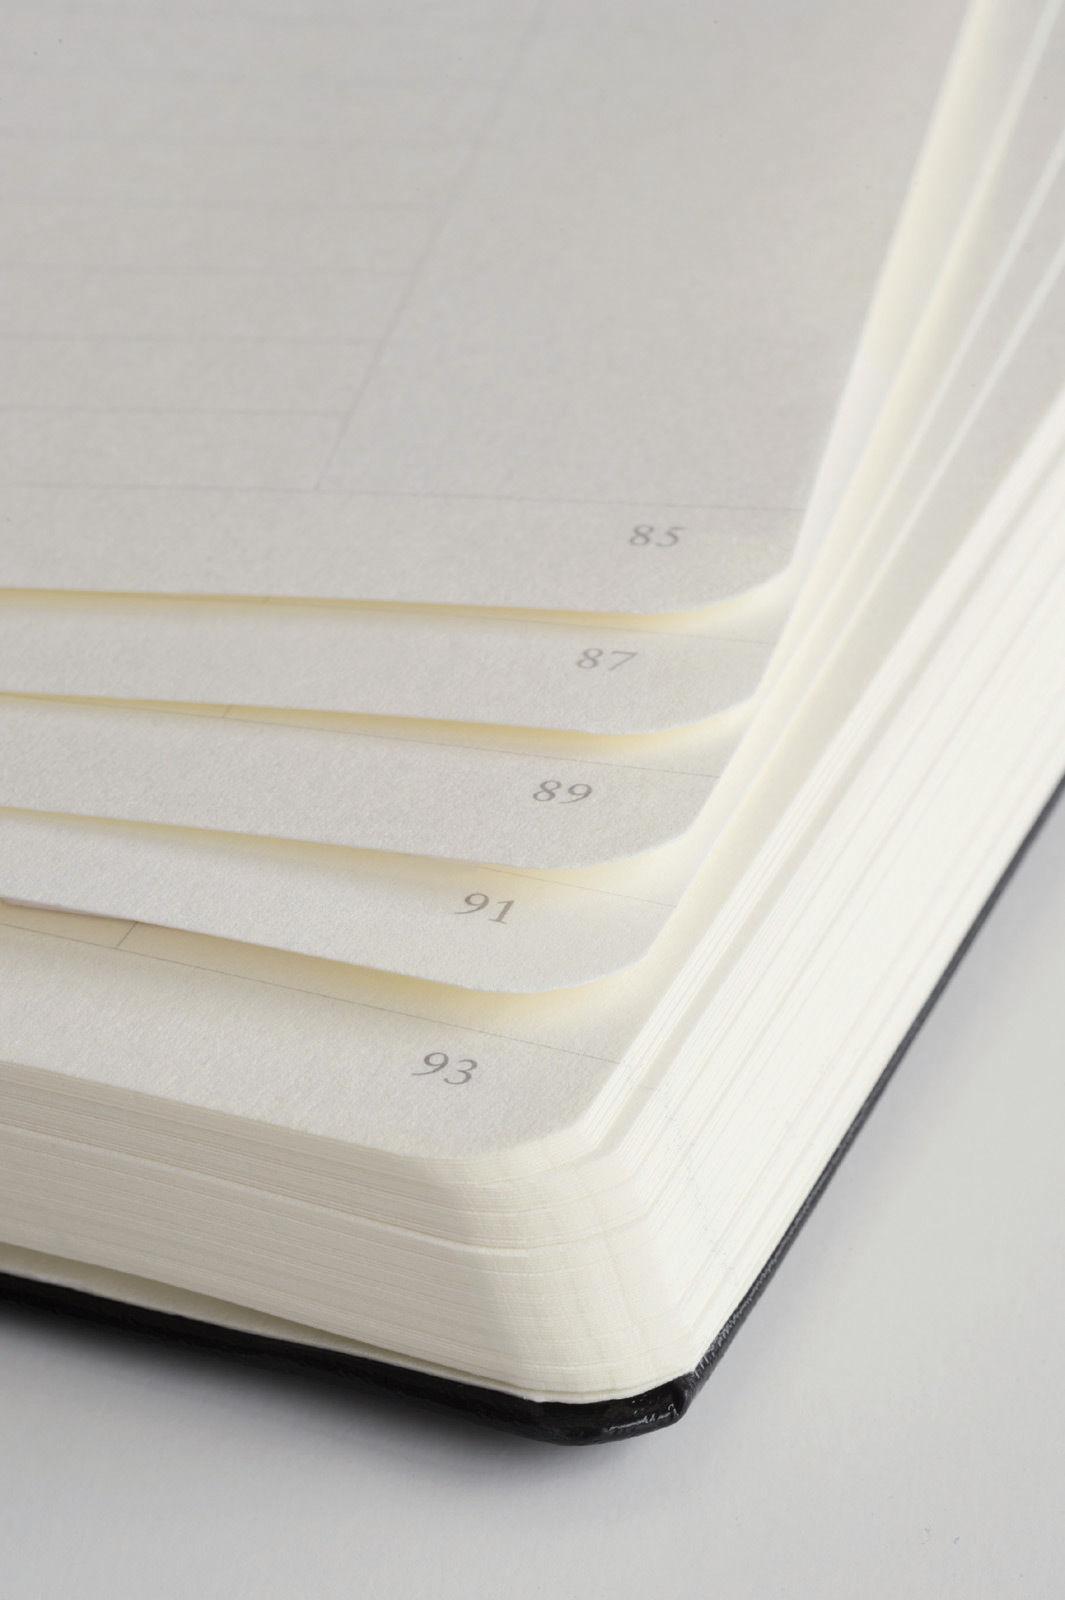 Leuchtturm1917-A5-Bullet-Journal-Hardback-Dotted-Notebook-Black-Emerald-Green-152417817170-7